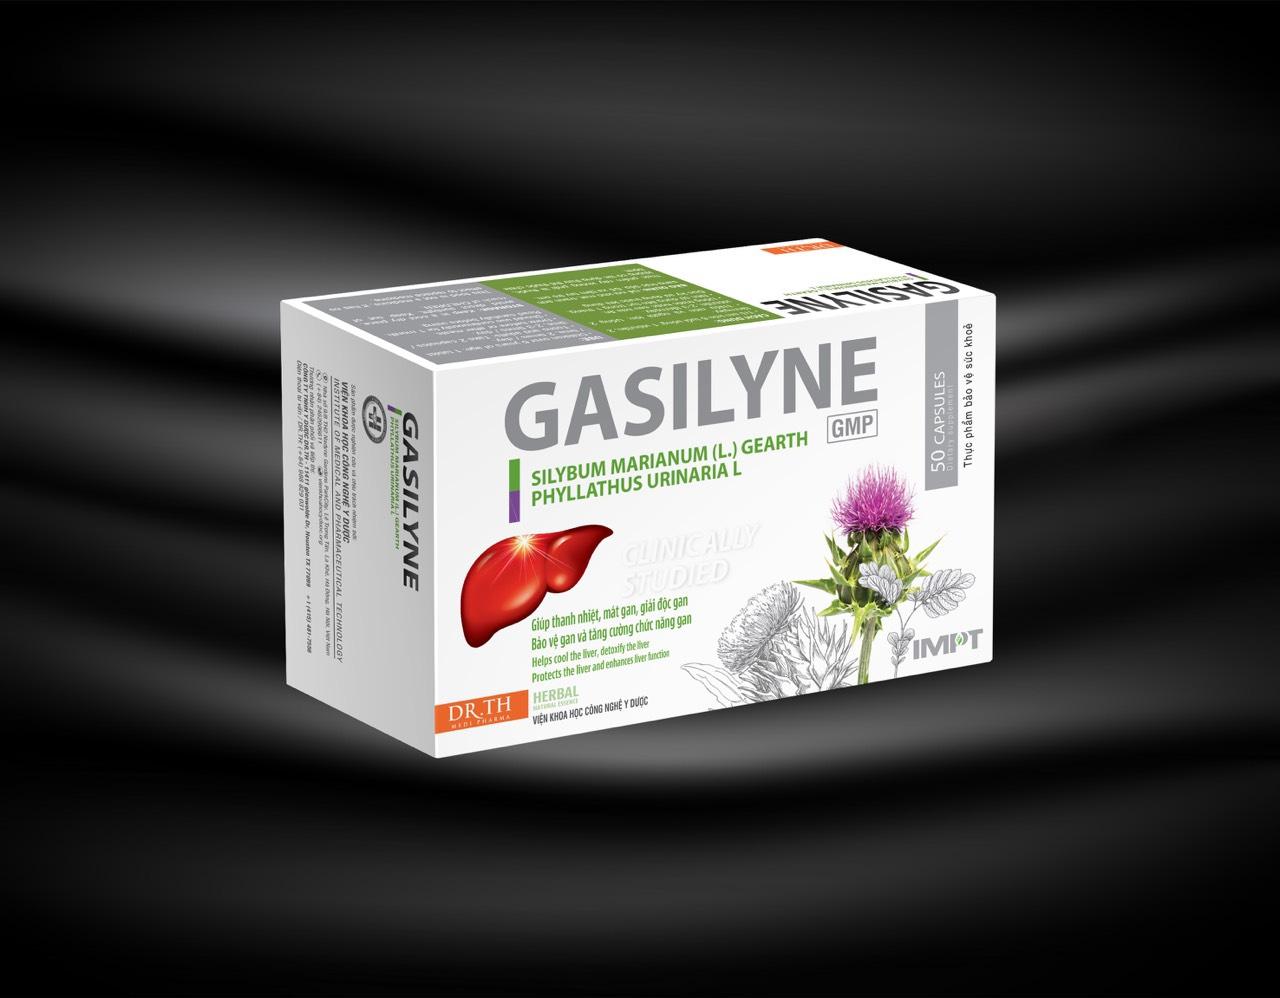 Gasilyne